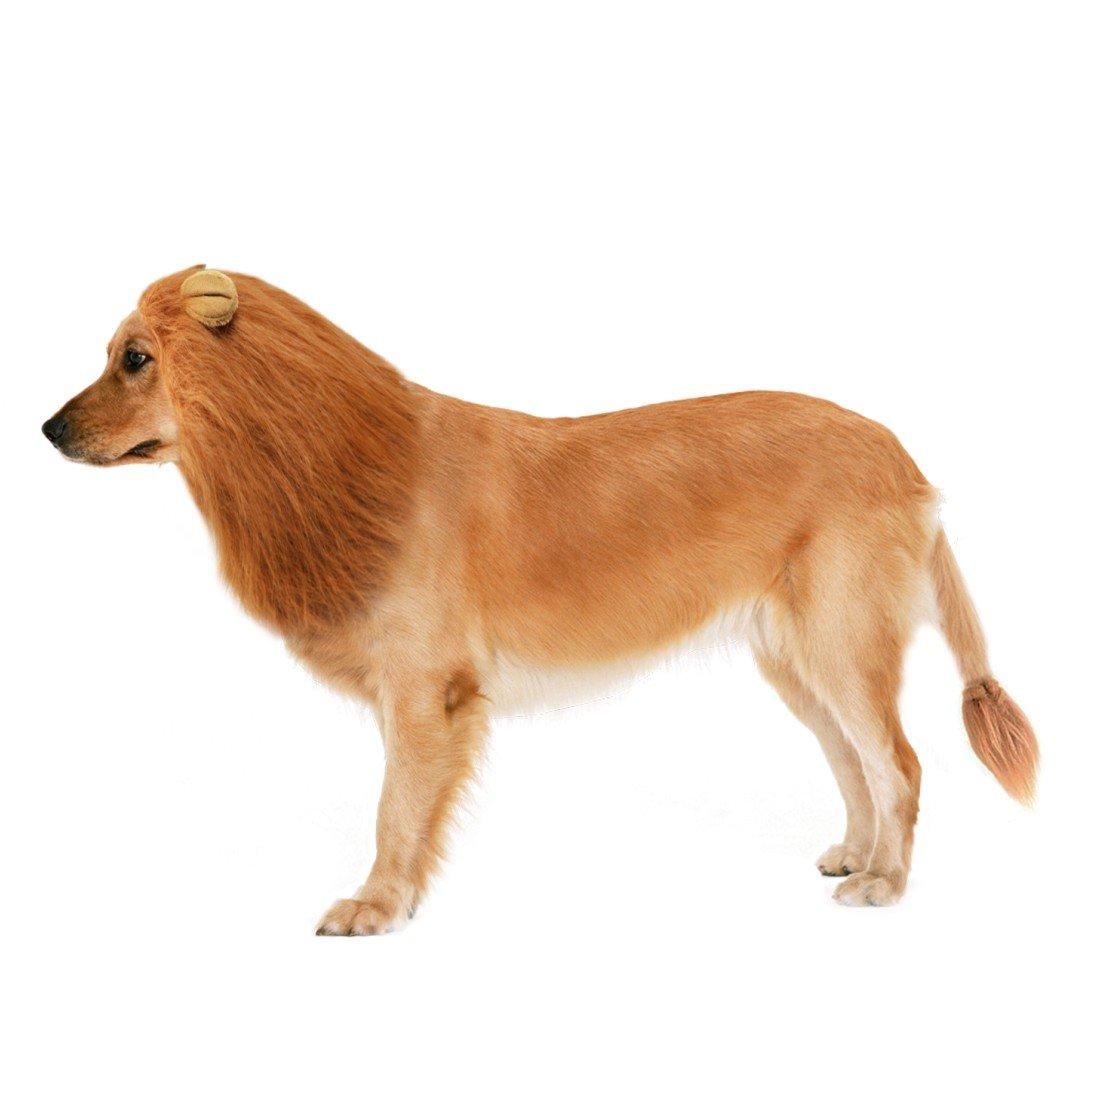 Idepet - Peluca para Perro con Orejas y Cola, diseño de león de Gato con Orejas y Cola, para Fiestas de Navidad de Holloween, Disfraz de Cosplay para Perros ...